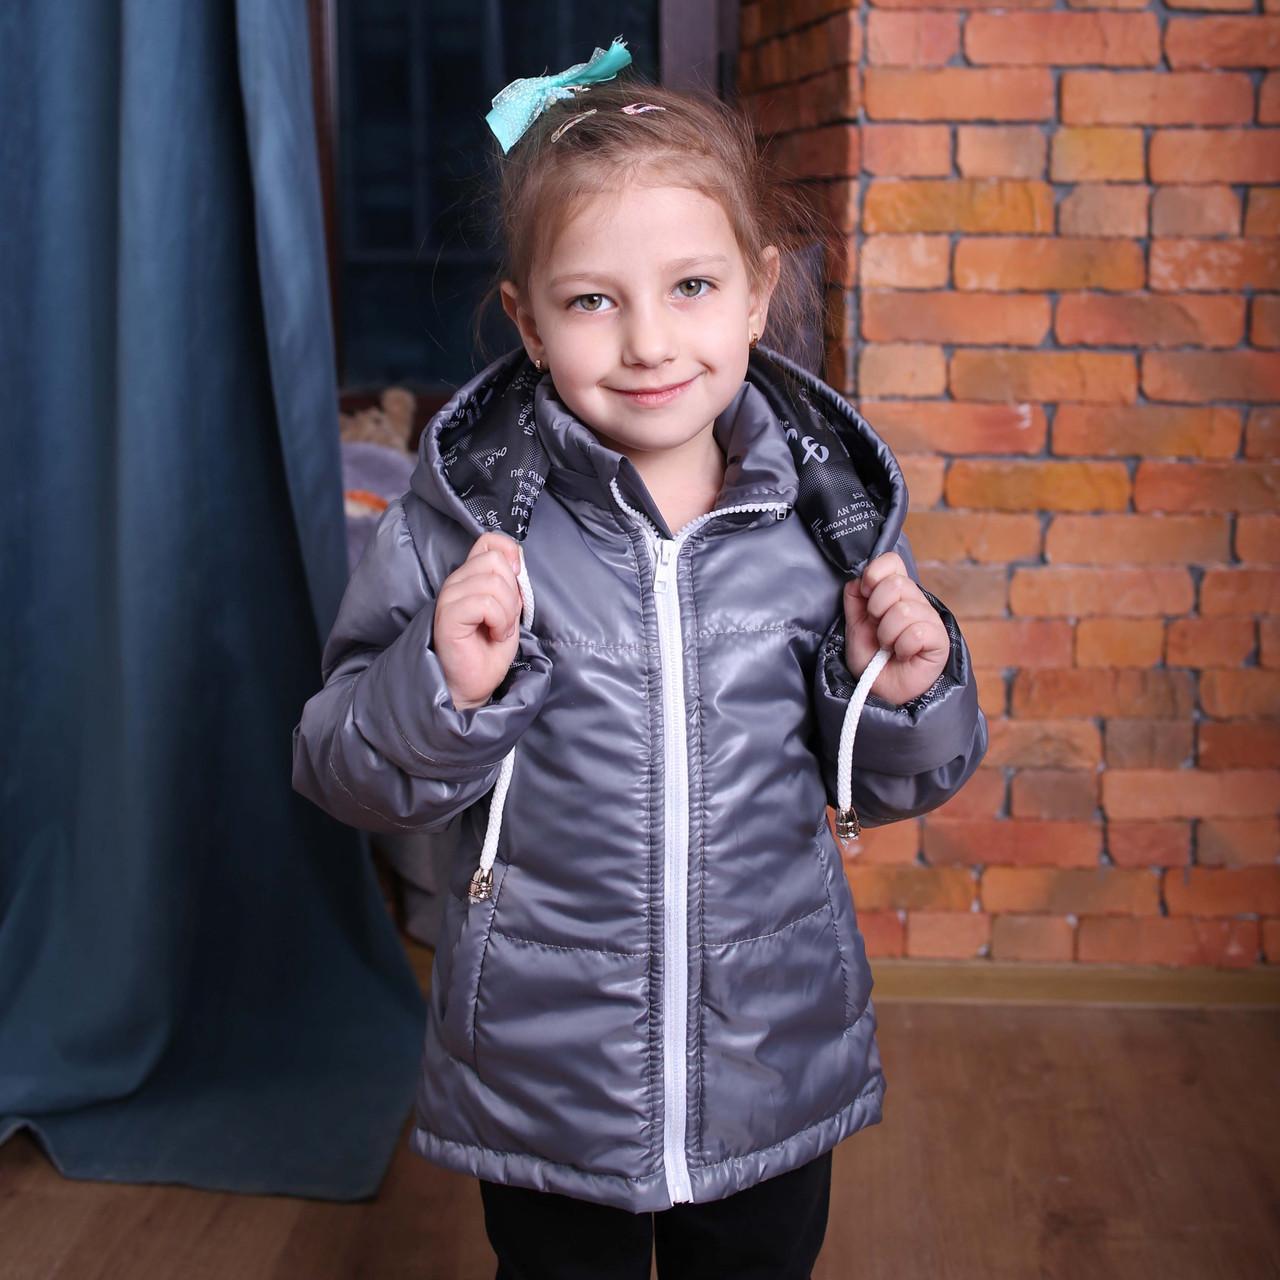 Осенняя, демисезонная, весна-осень детская куртка с капюшоном серая Новинка Топ продаж 2019-2020